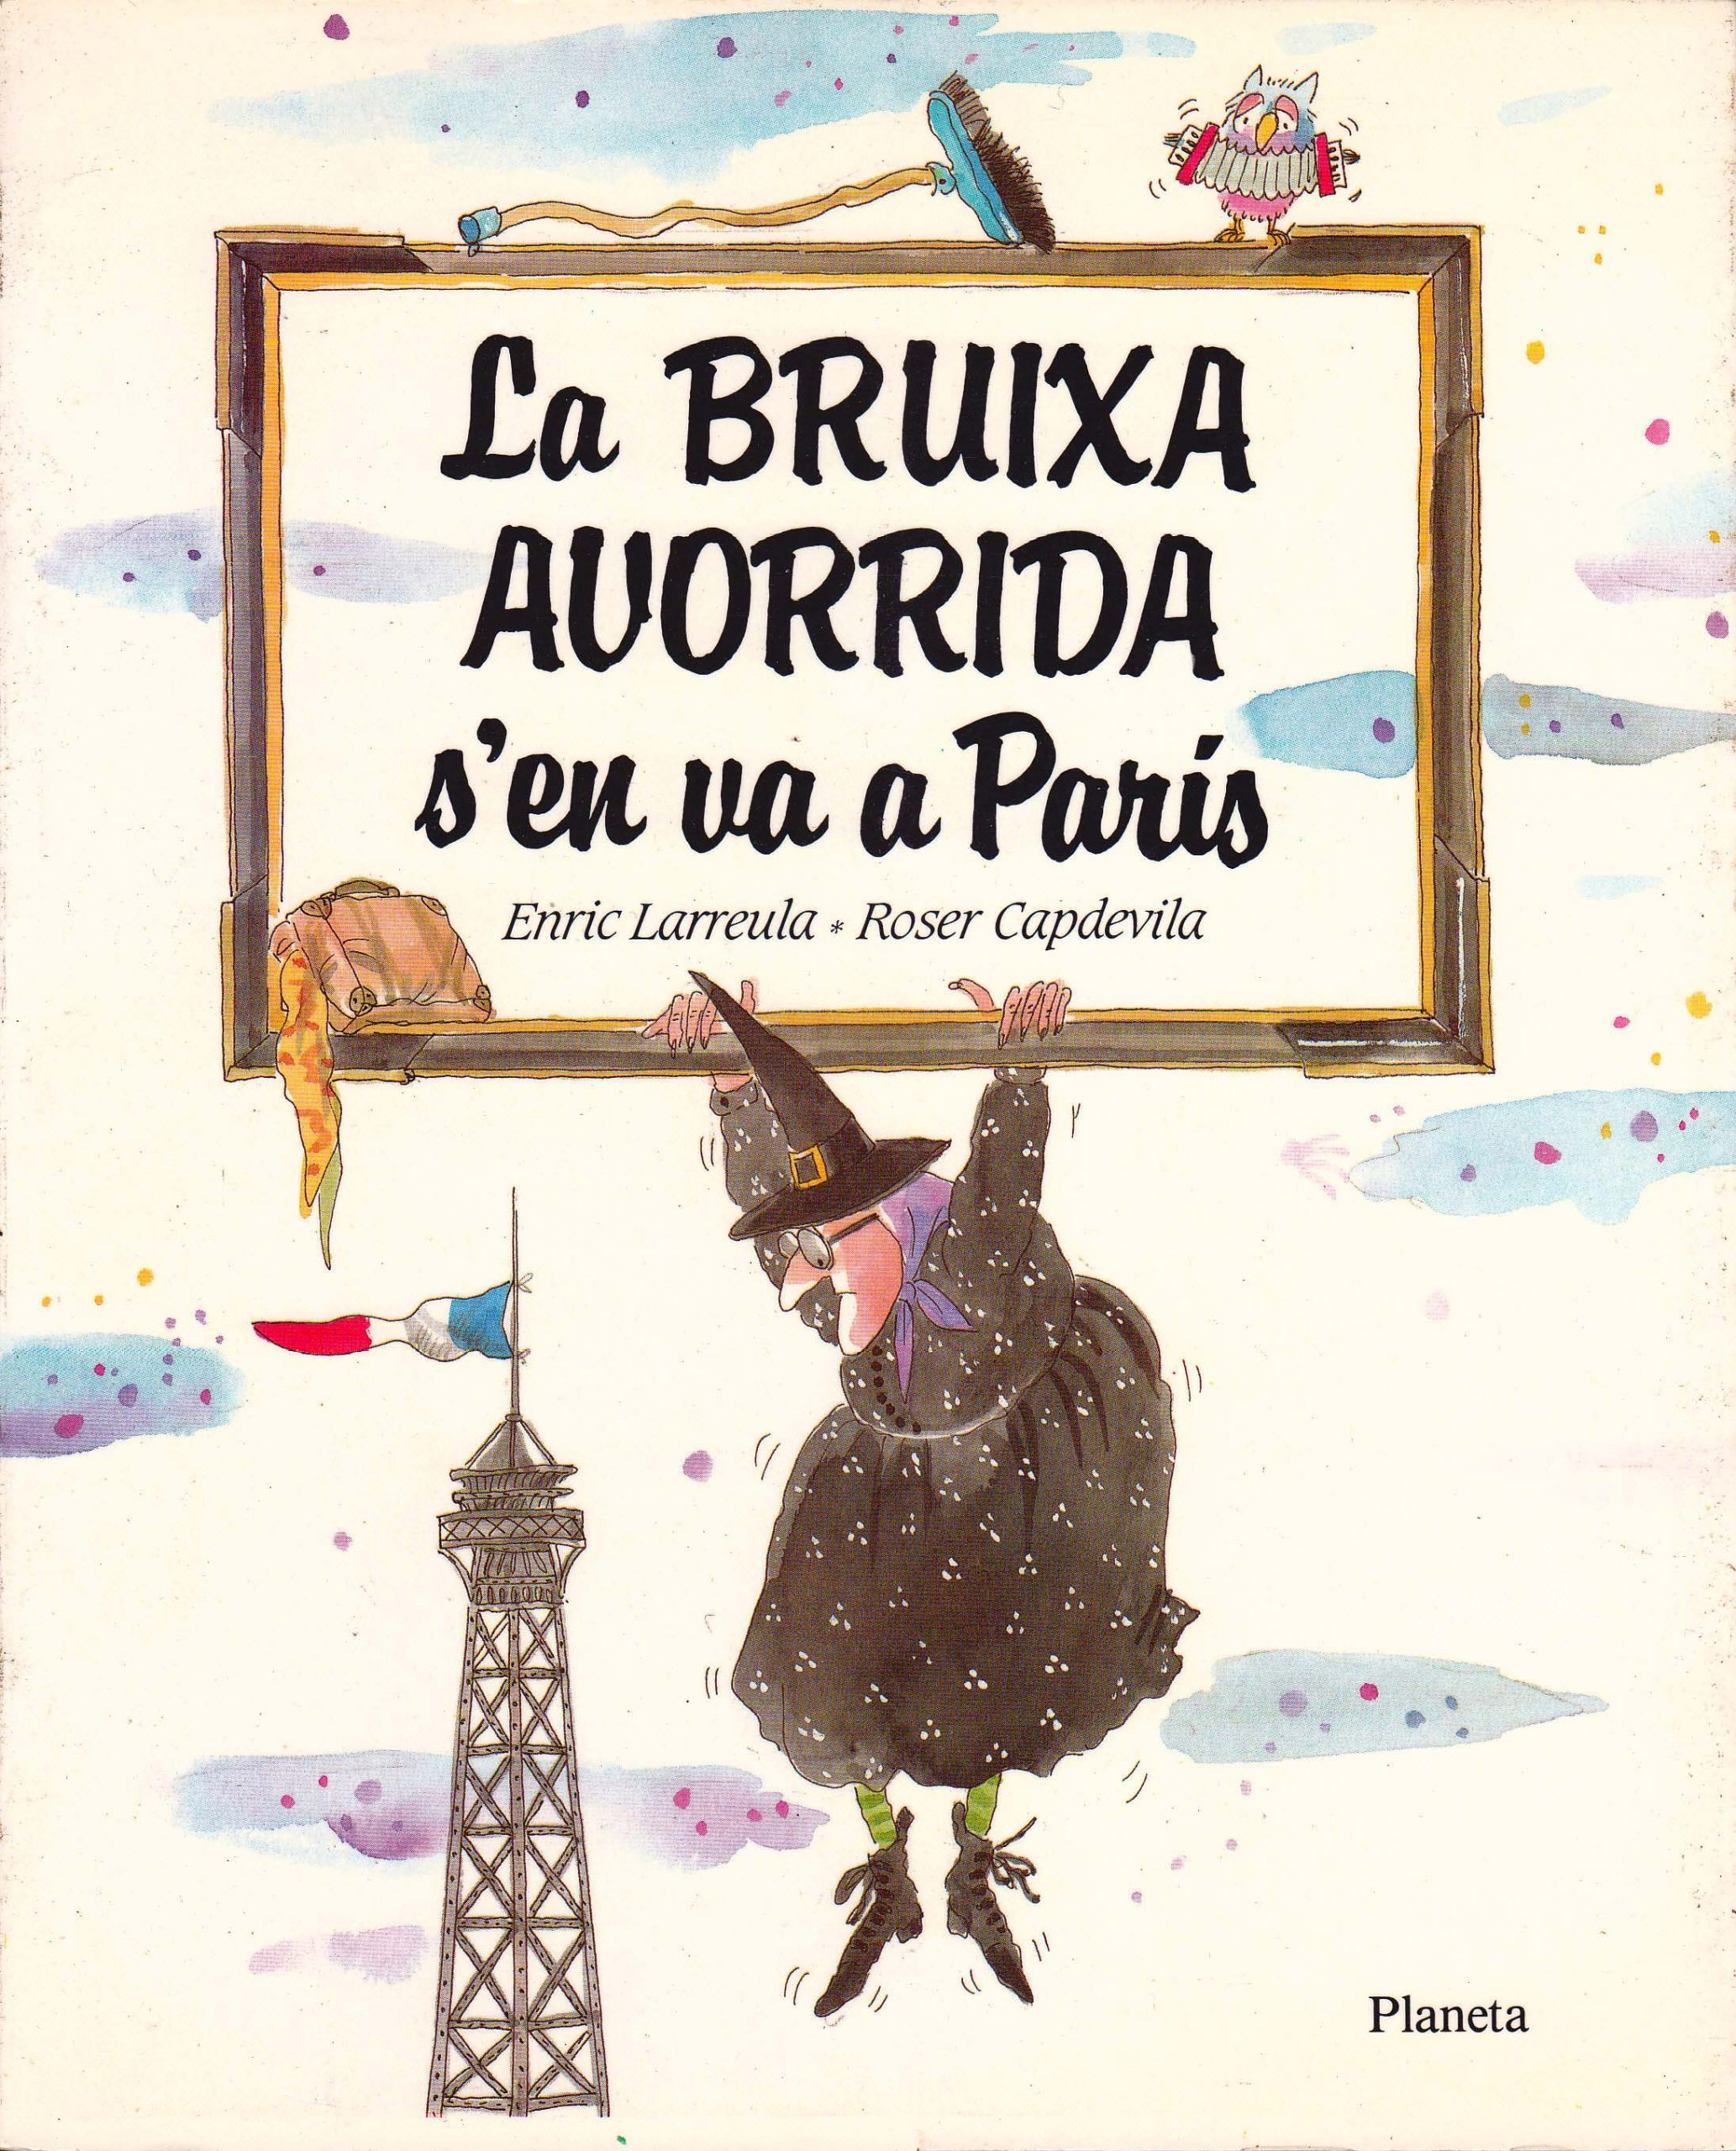 Enric_Larreula_contes_la_Bruixa_Avorrida_s_en_va_a_Paris